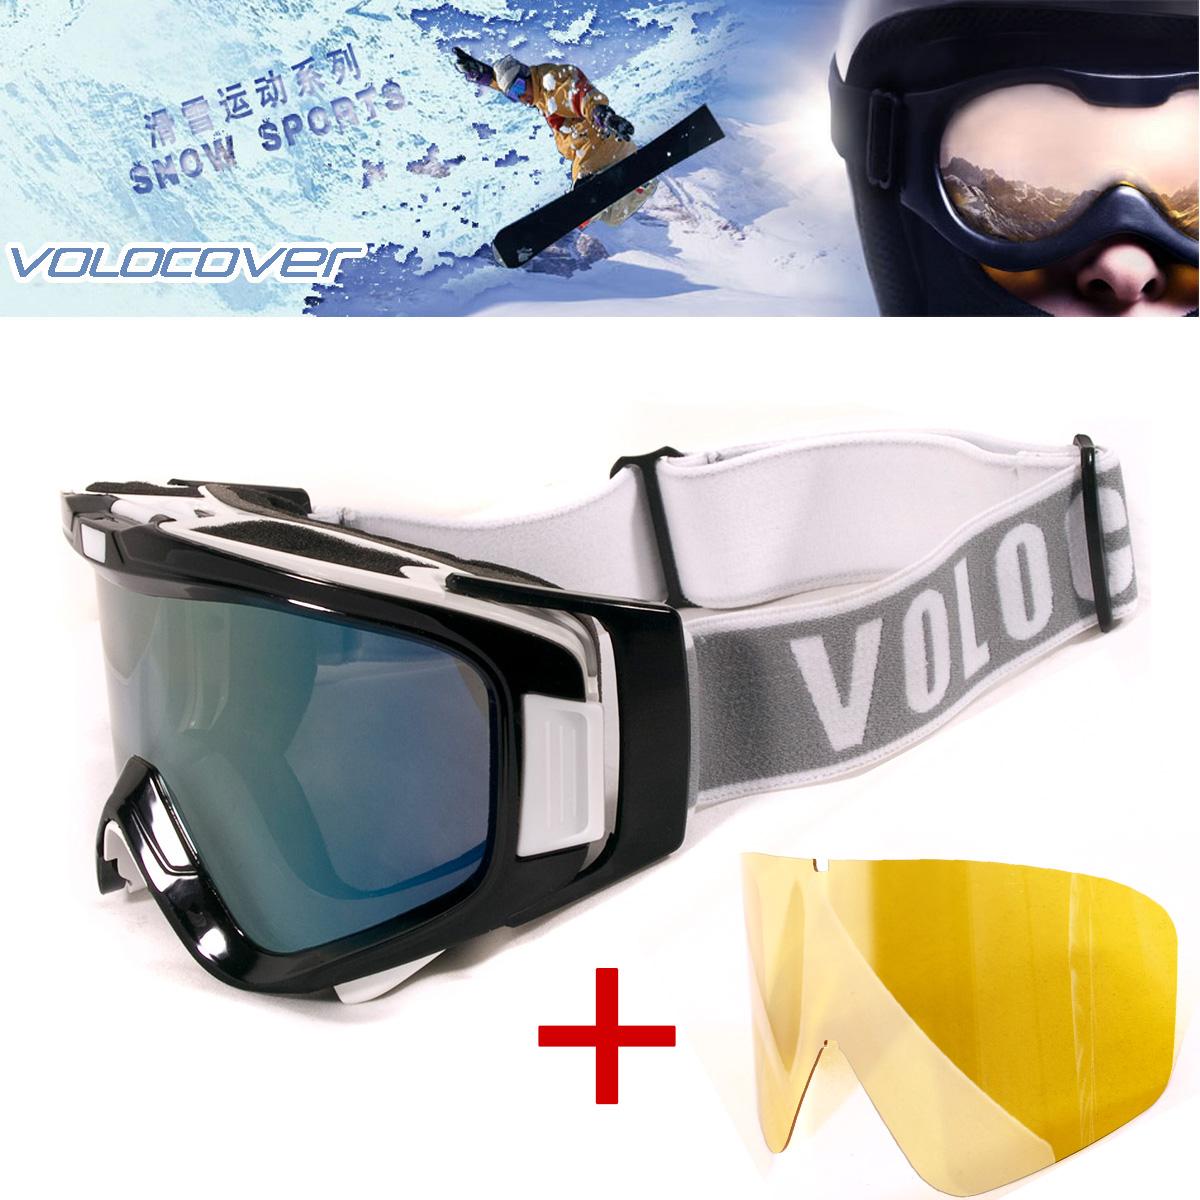 VOLO Change Skis зеркало высокая Носовые колодки полностью Цилиндр Тянь Хоу двухслойный Защита от тумана и защиты от ультрафиолета